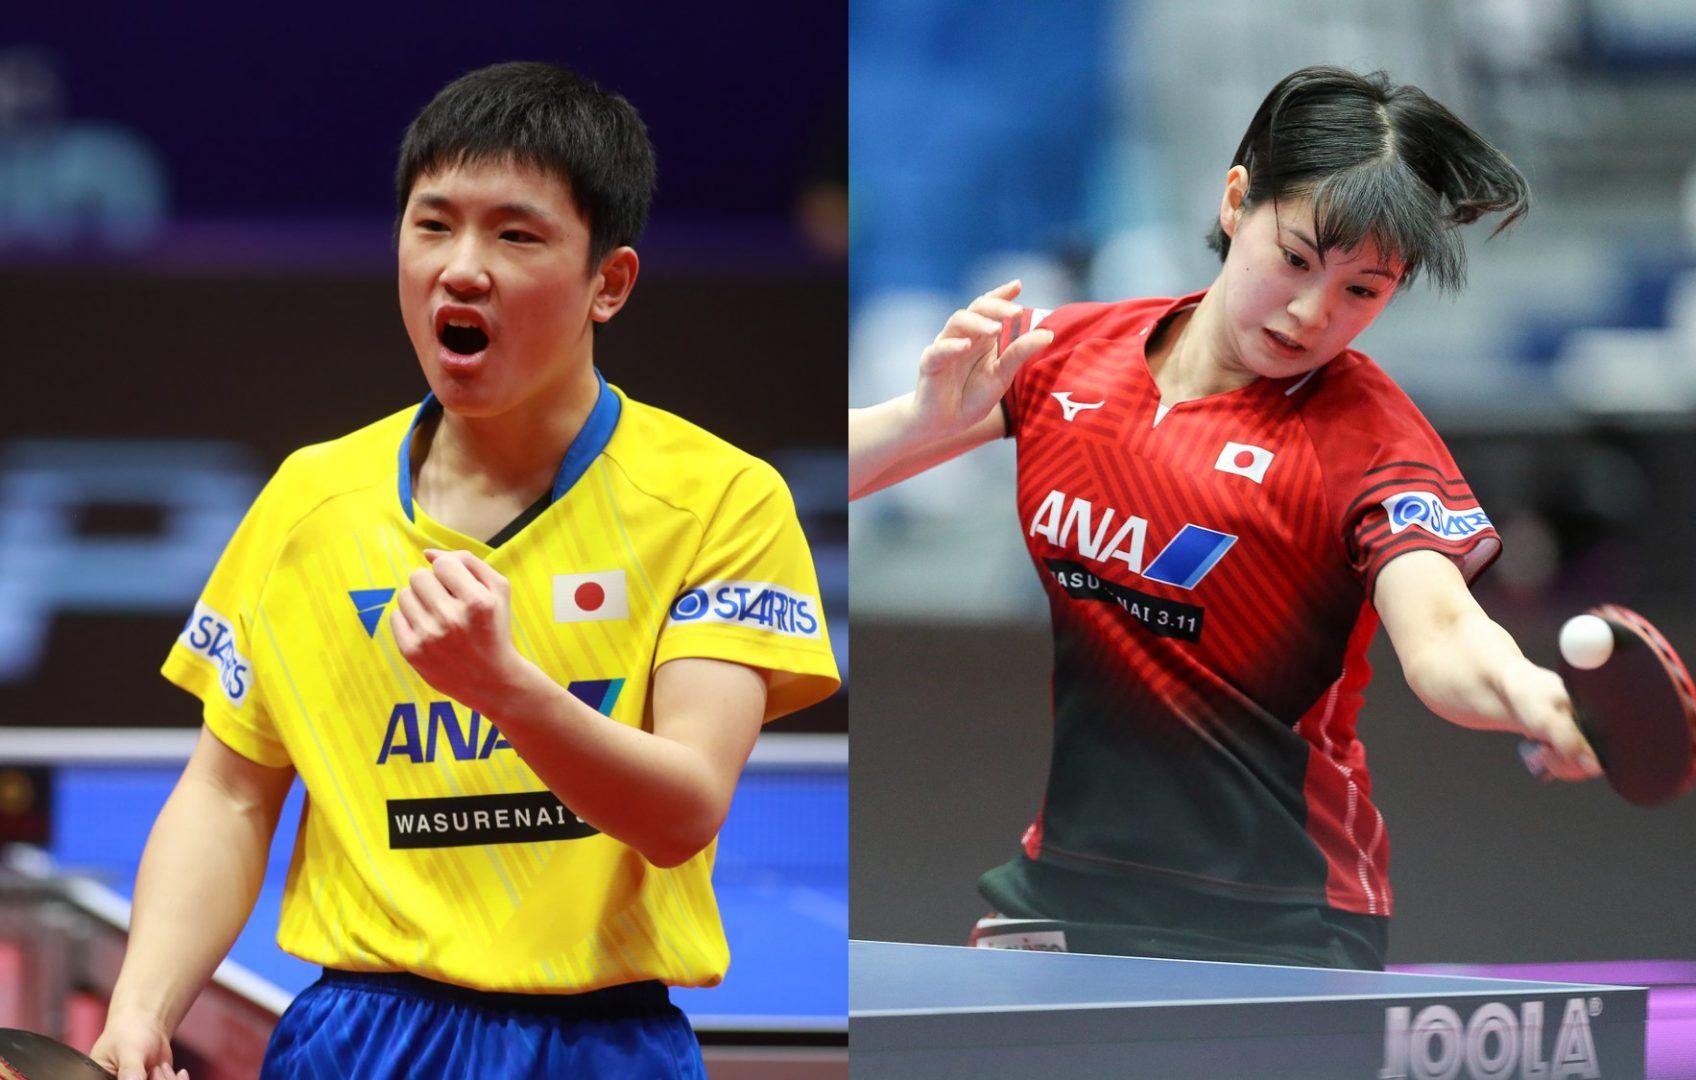 【今週の日本の卓球】日本勢大躍進 男子W杯・世界ジュニア全日程終了